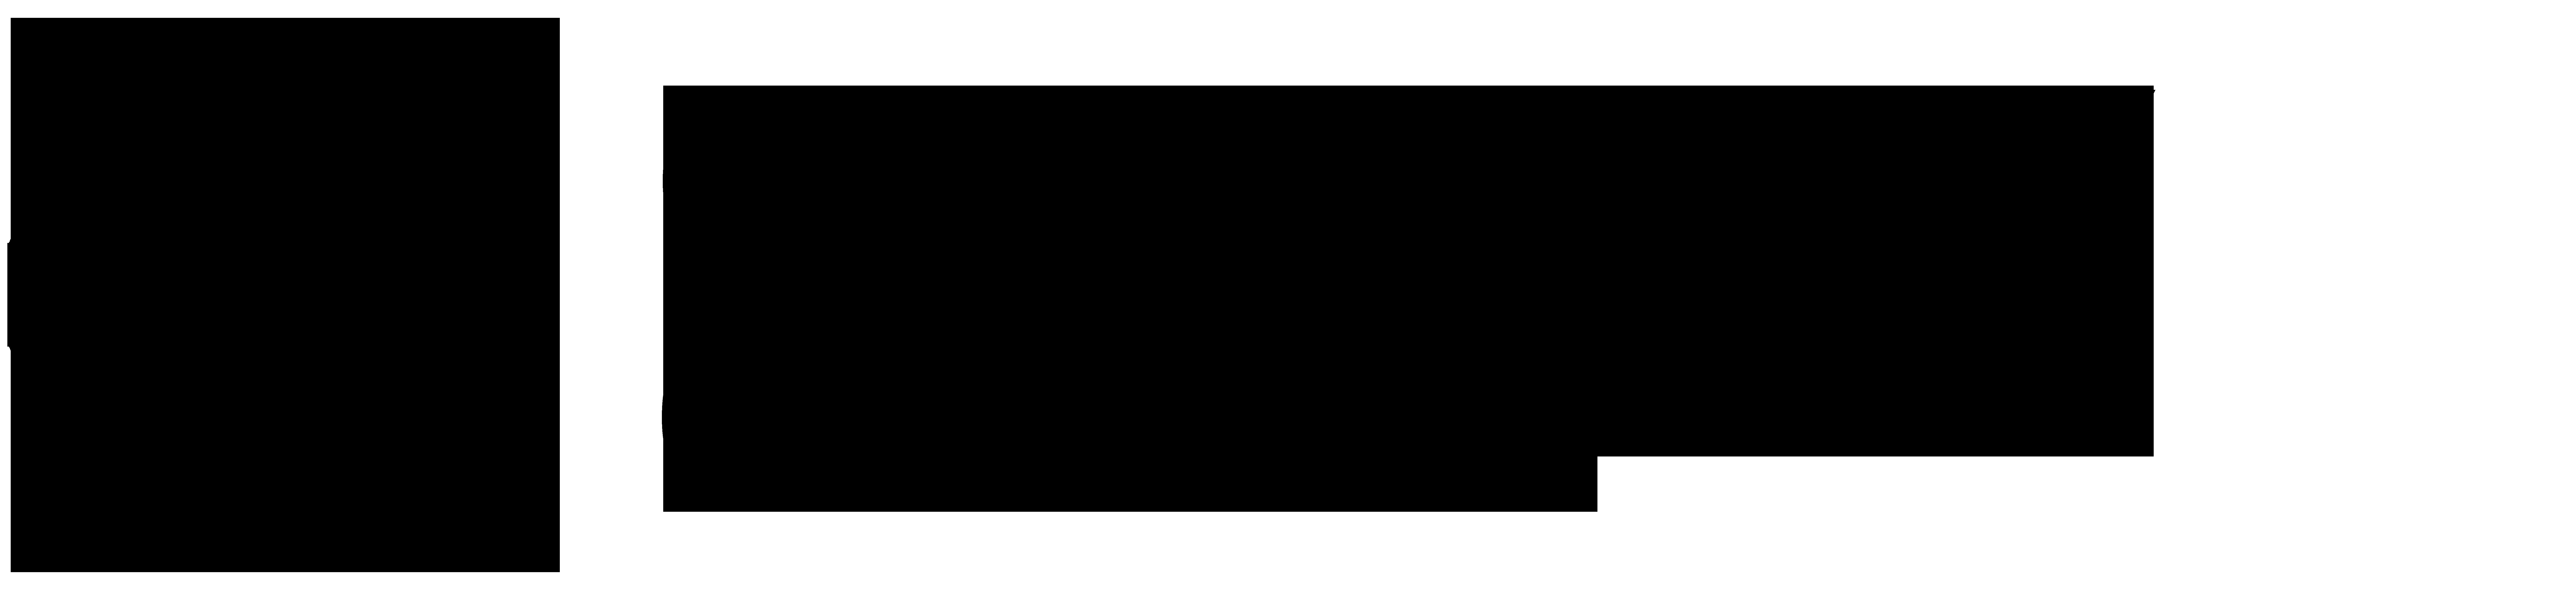 dr papalexiou logo